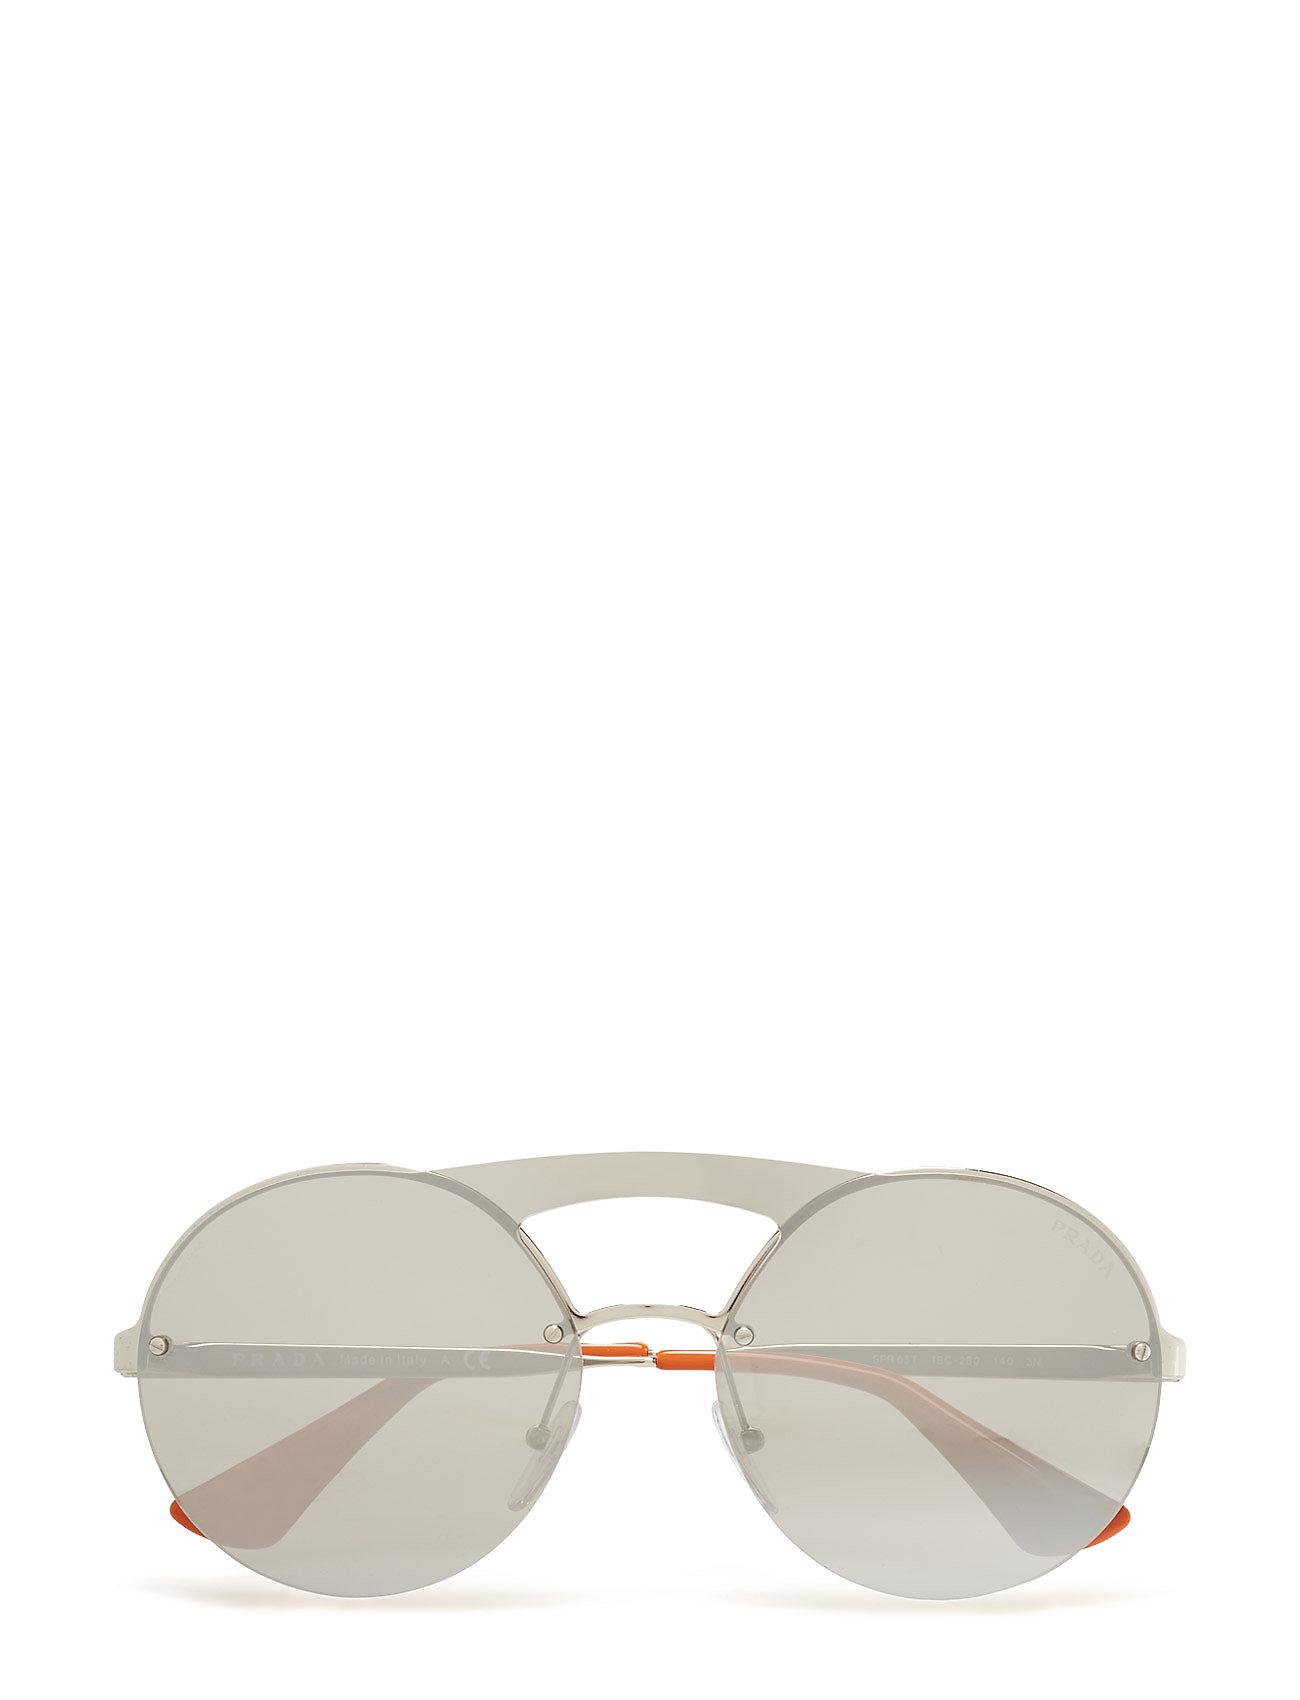 Not Defined Prada Sunglasses Solbriller til Damer i Sølv